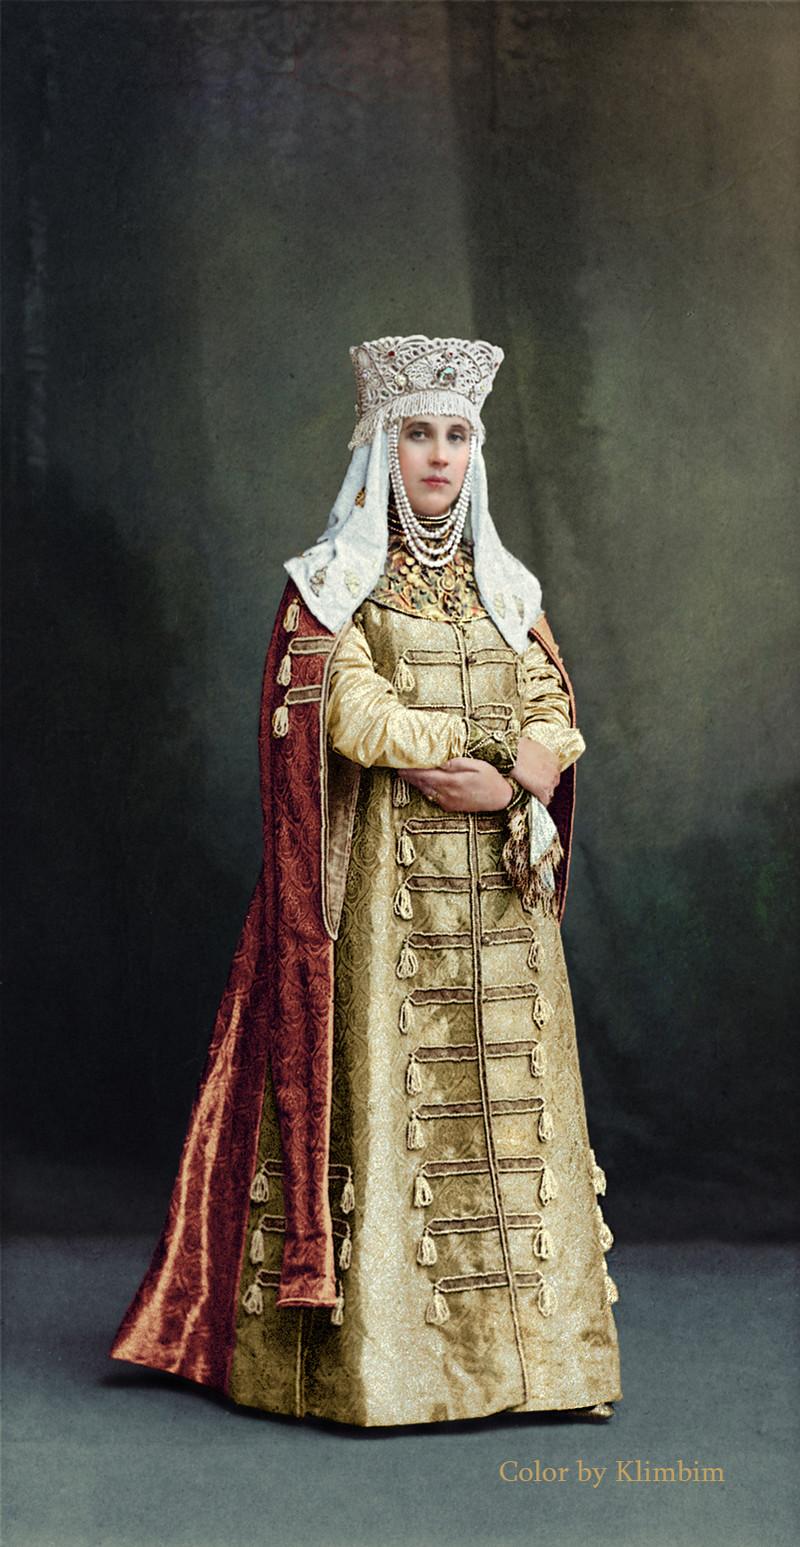 Великолепие костюмированного бала Романовых в раскрашенных фотографиях 1903 года 16